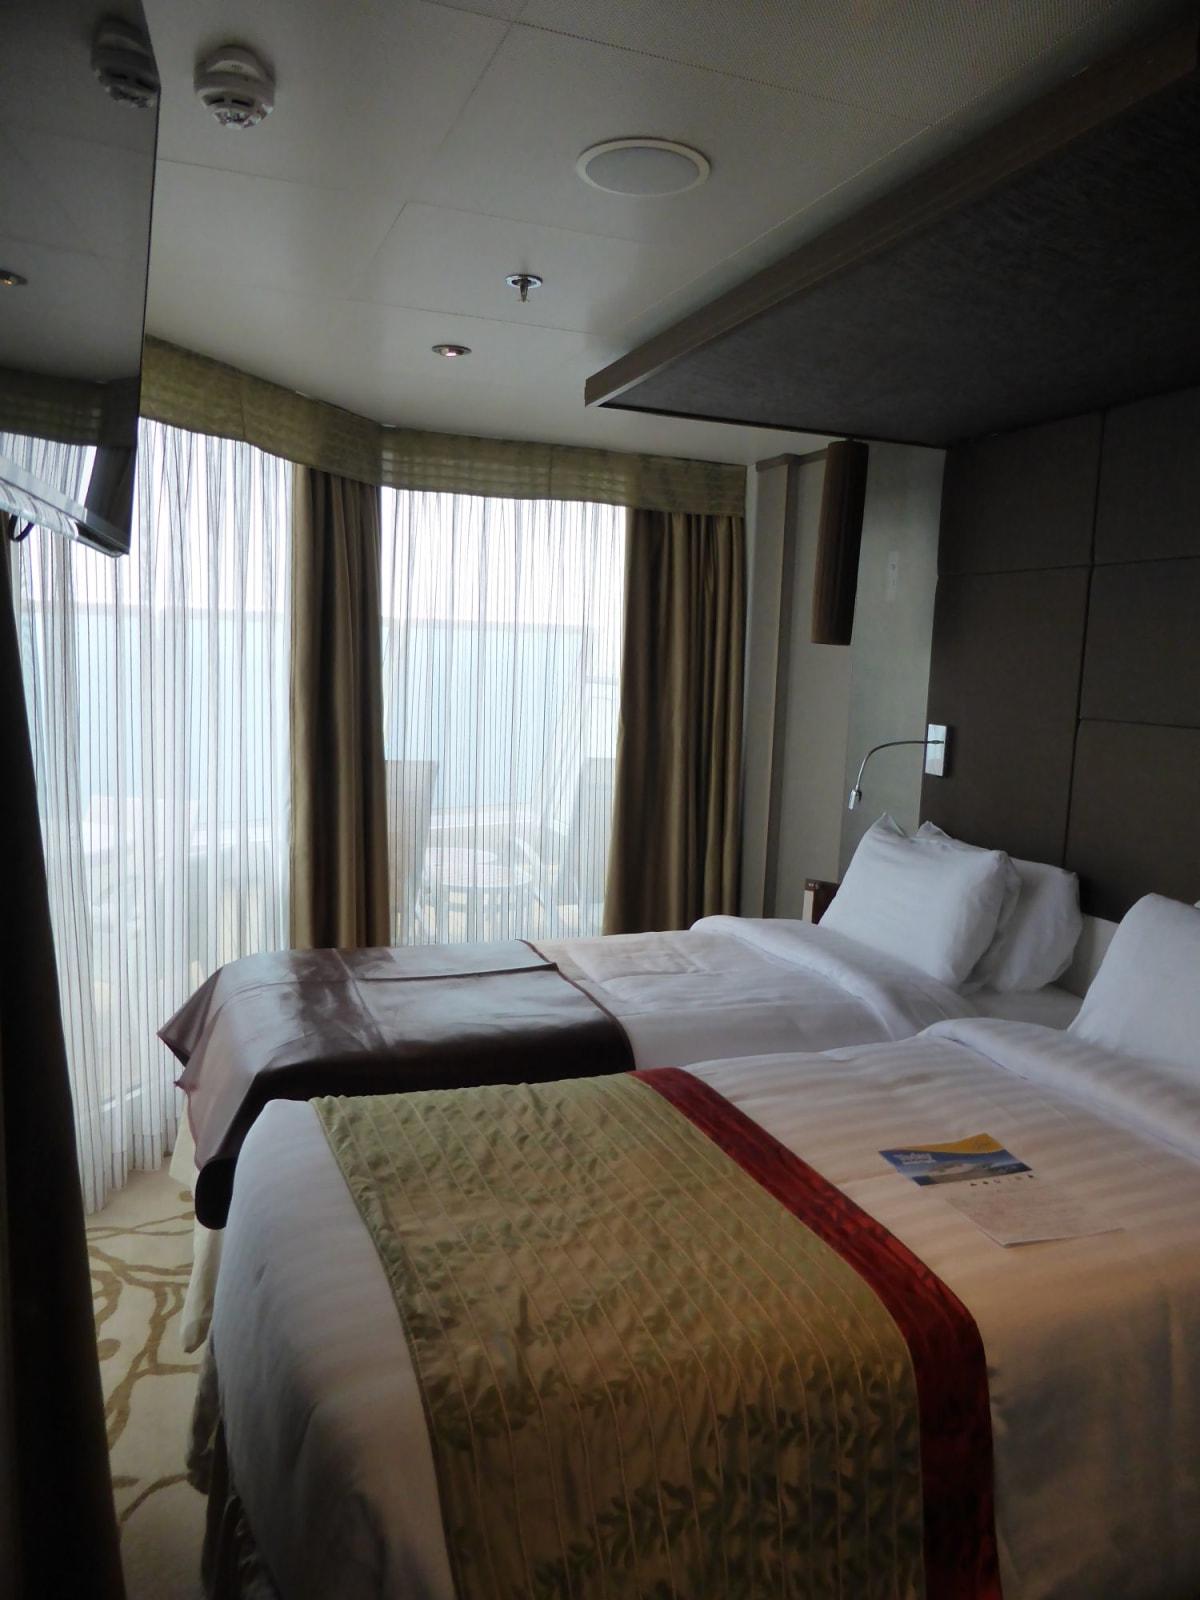 スイートのベッドルーム | 客船コスタ・ネオロマンチカの客室